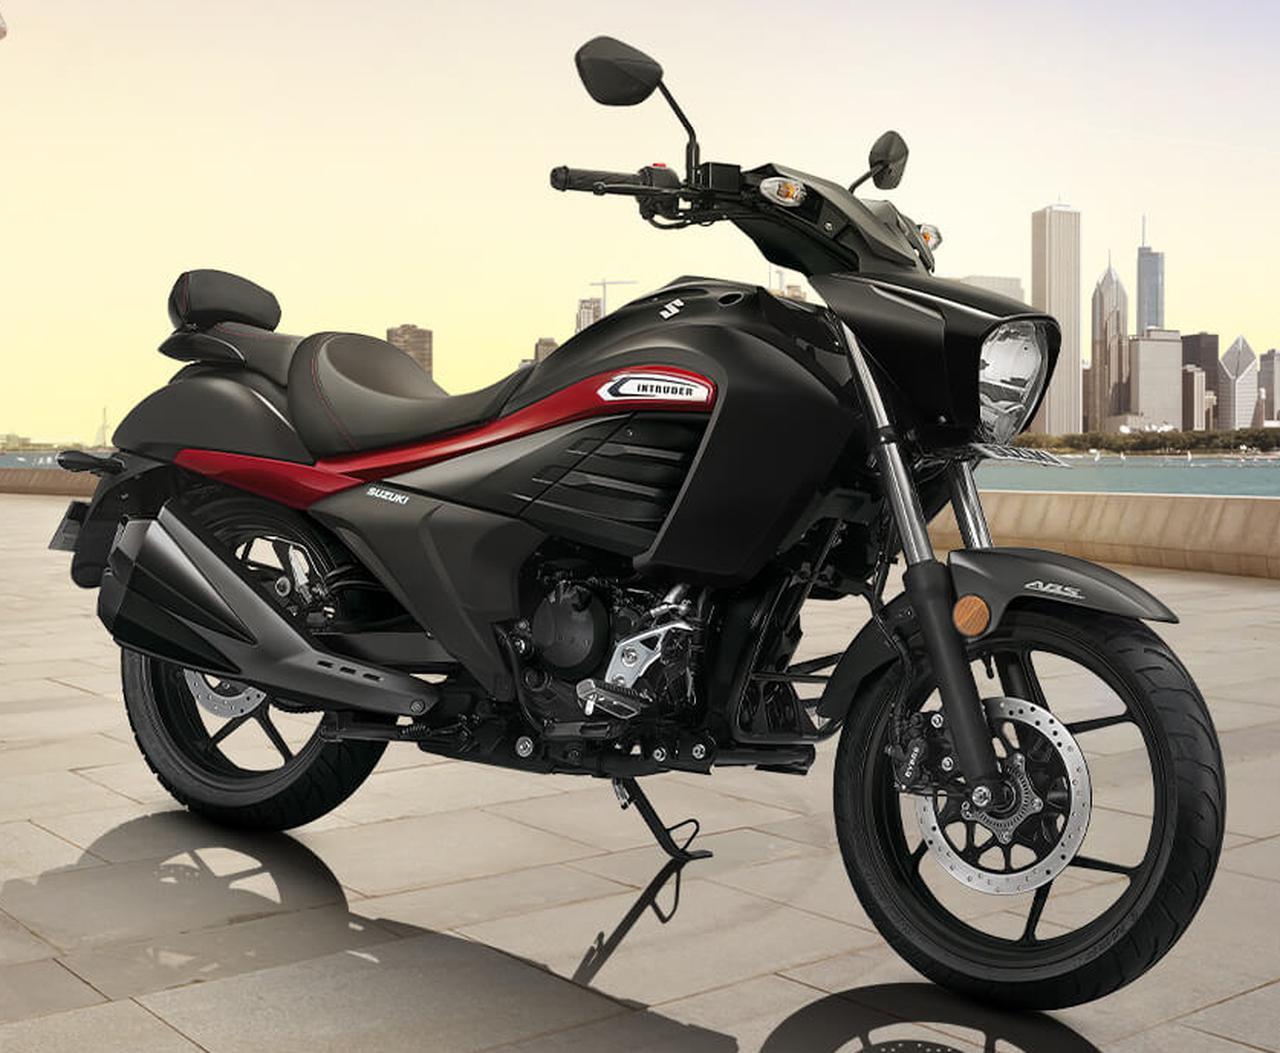 画像: スズキ「イントルーダー」はインドで姿を変えて人気モデルになっていた? - webオートバイ